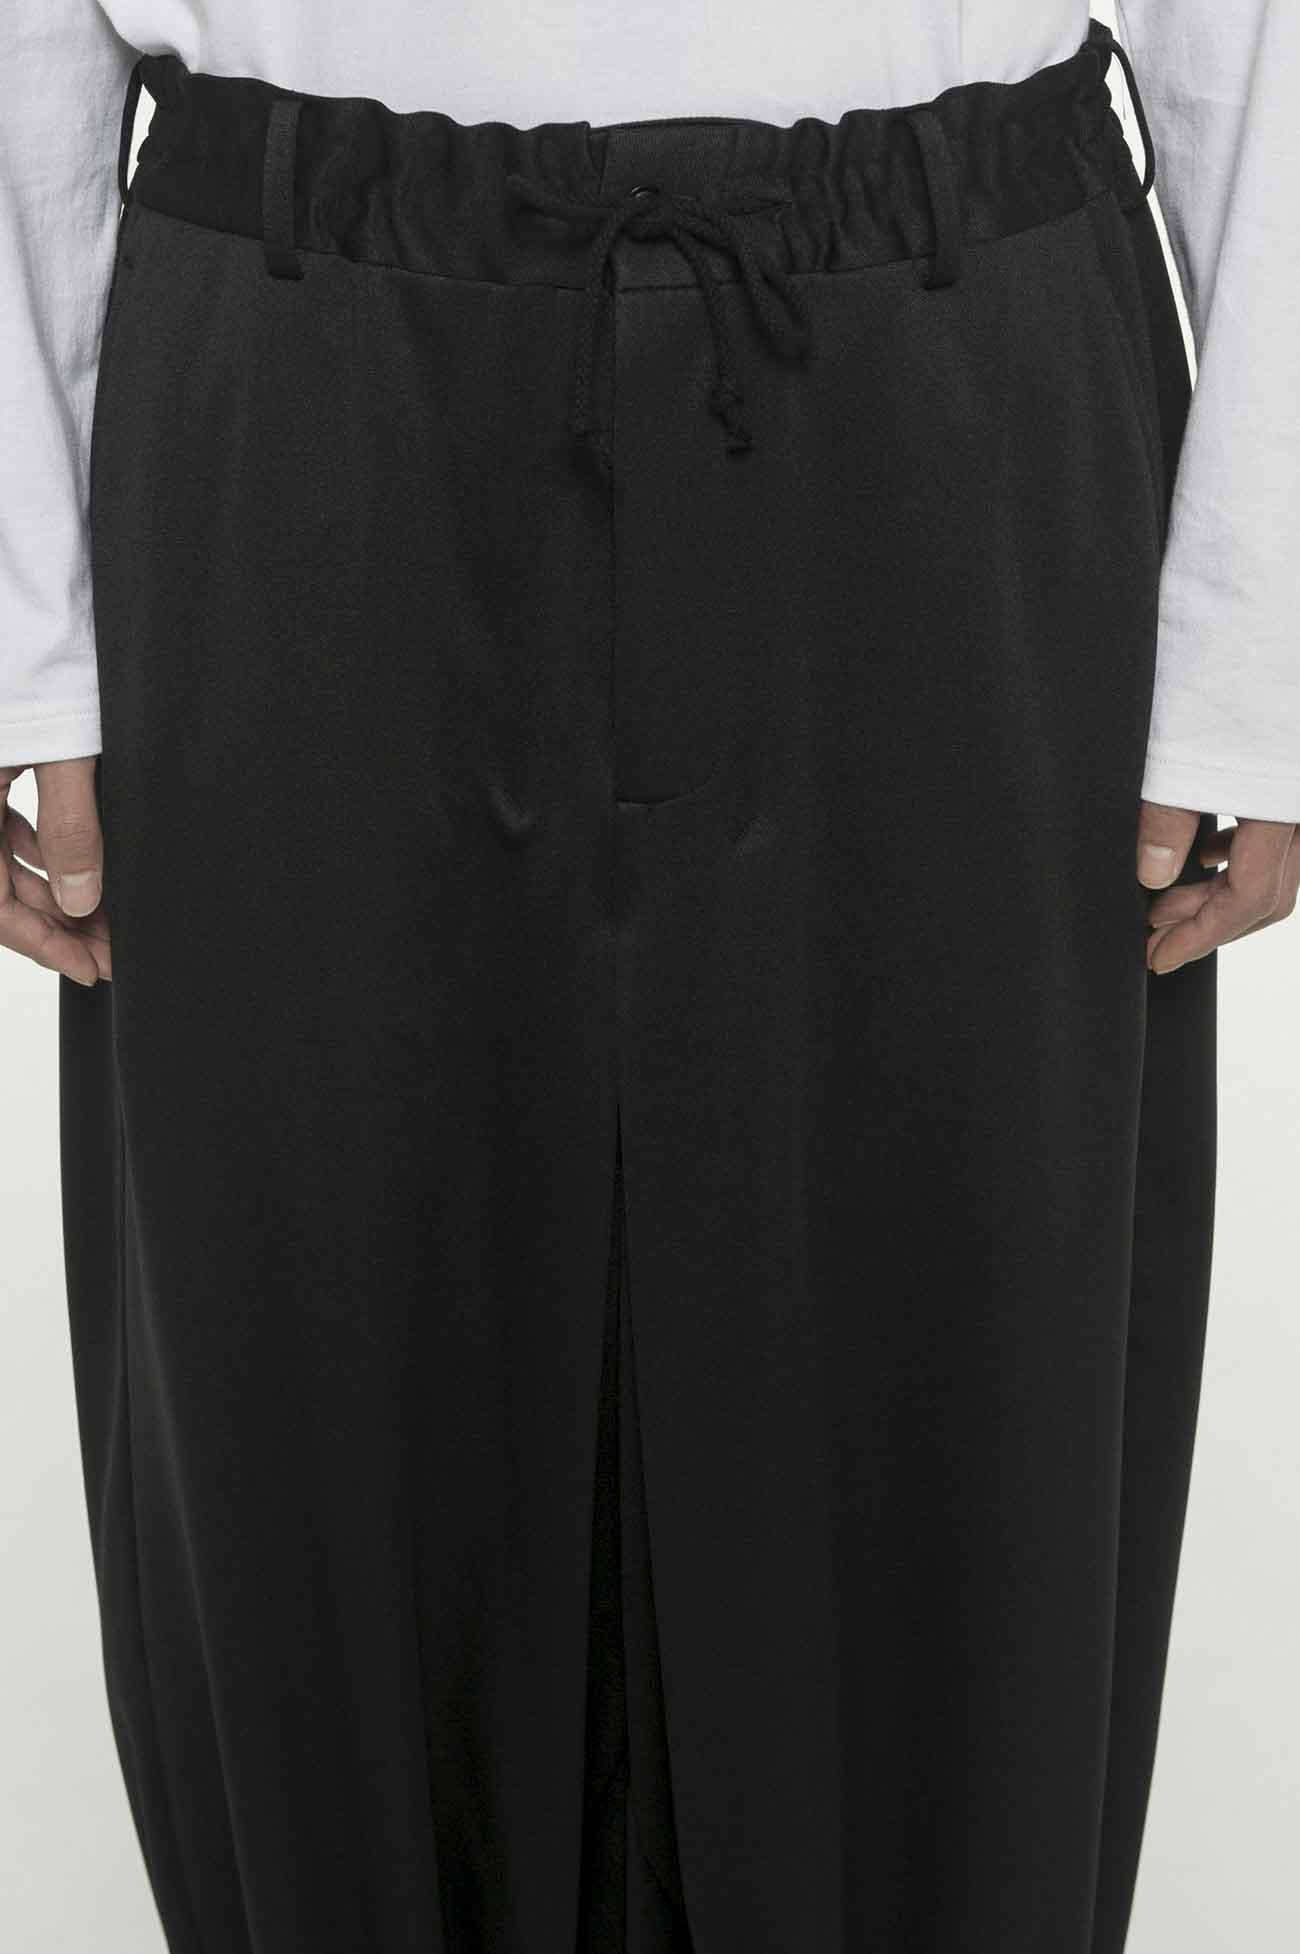 和风袴压线设计灯笼裤